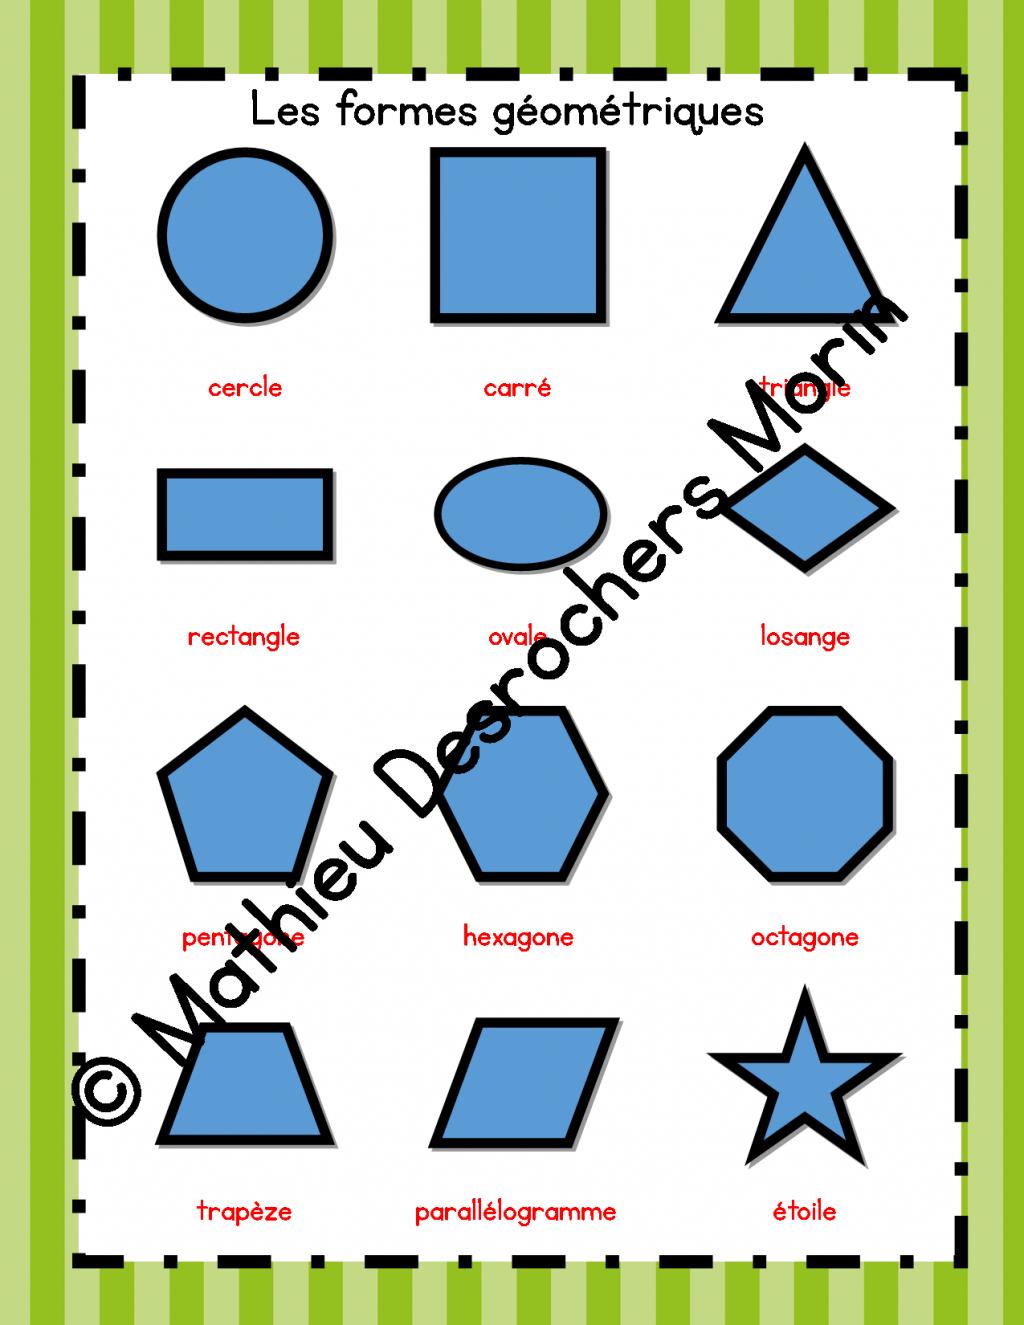 affiches des formes g om triques la boutique de mathieu ressources p dagogiques pour les. Black Bedroom Furniture Sets. Home Design Ideas